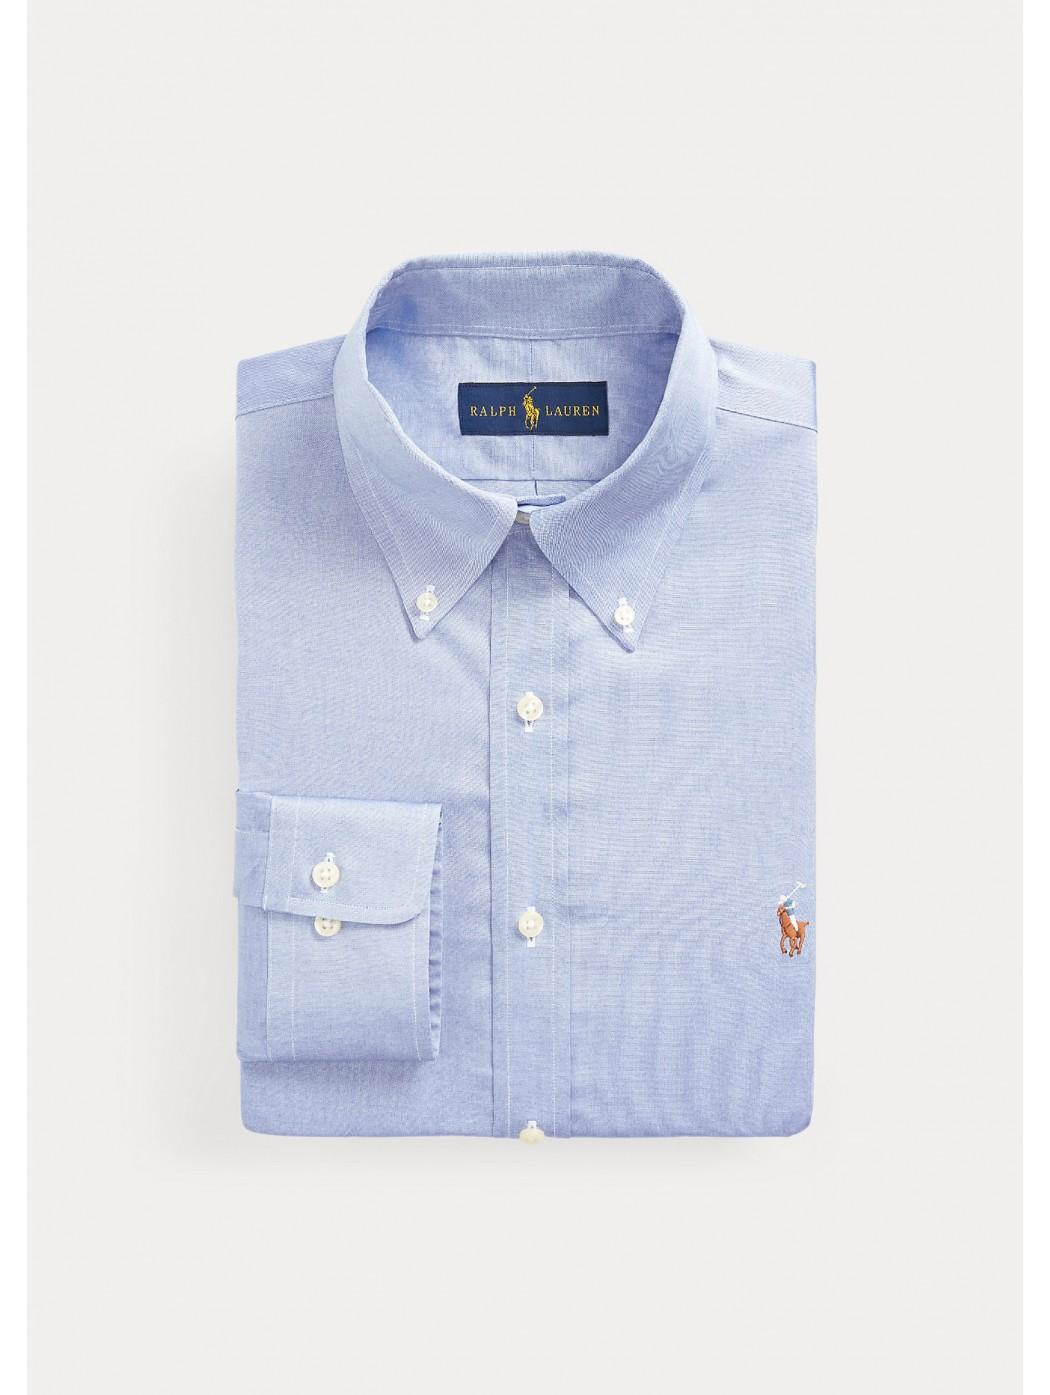 Camicia Oxford anti-grinze Slim-Fit POLO RALPH LAUREN UOMO 712675620 004